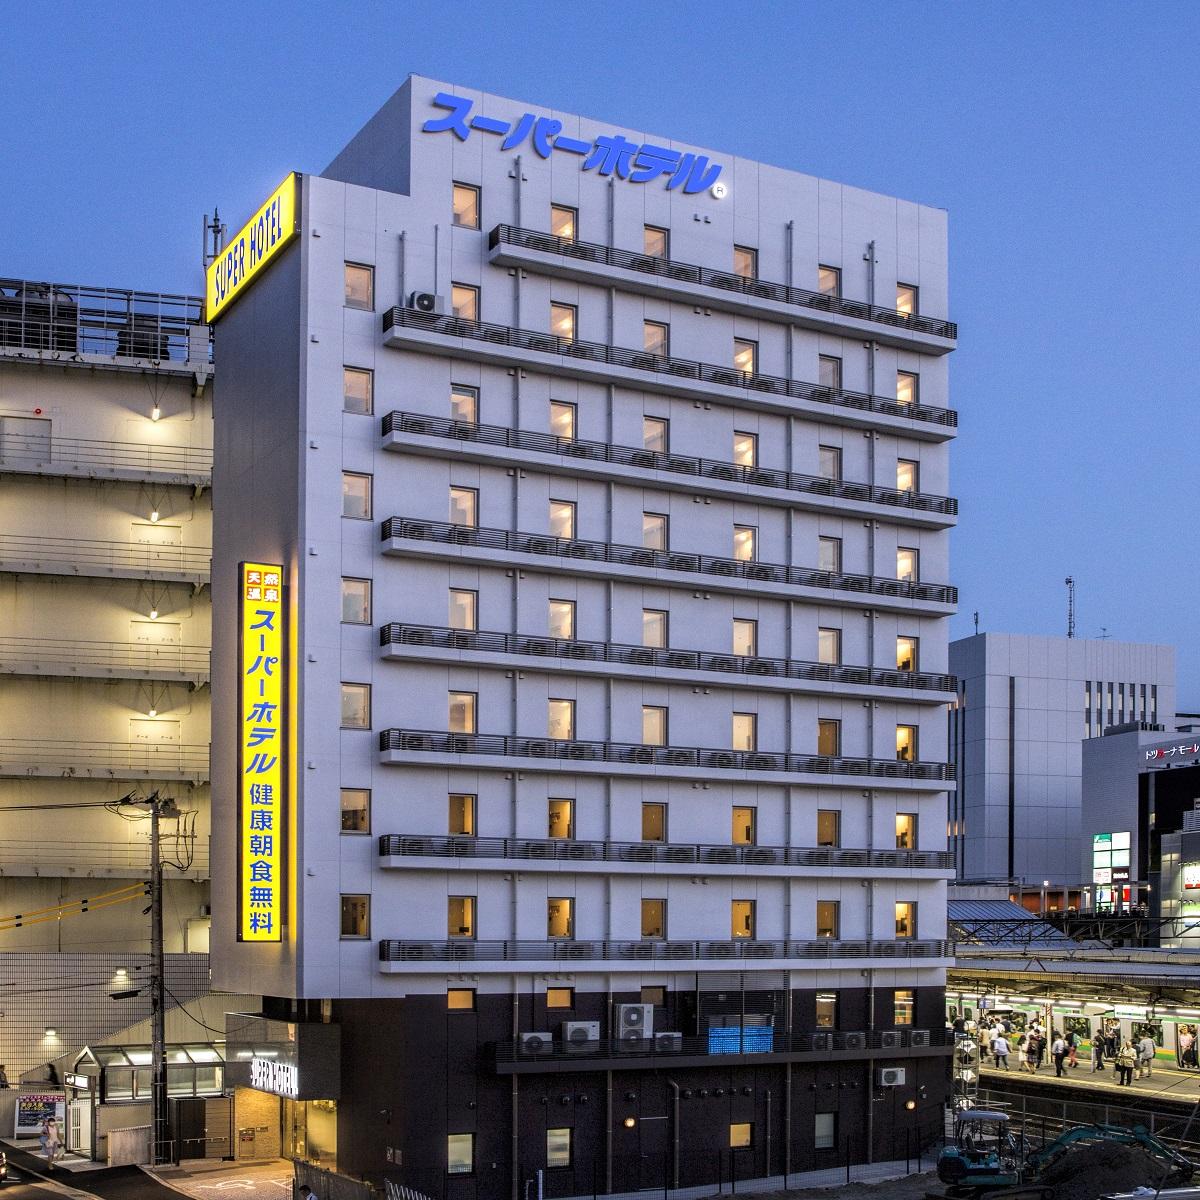 ホテル イン スーパー チェック